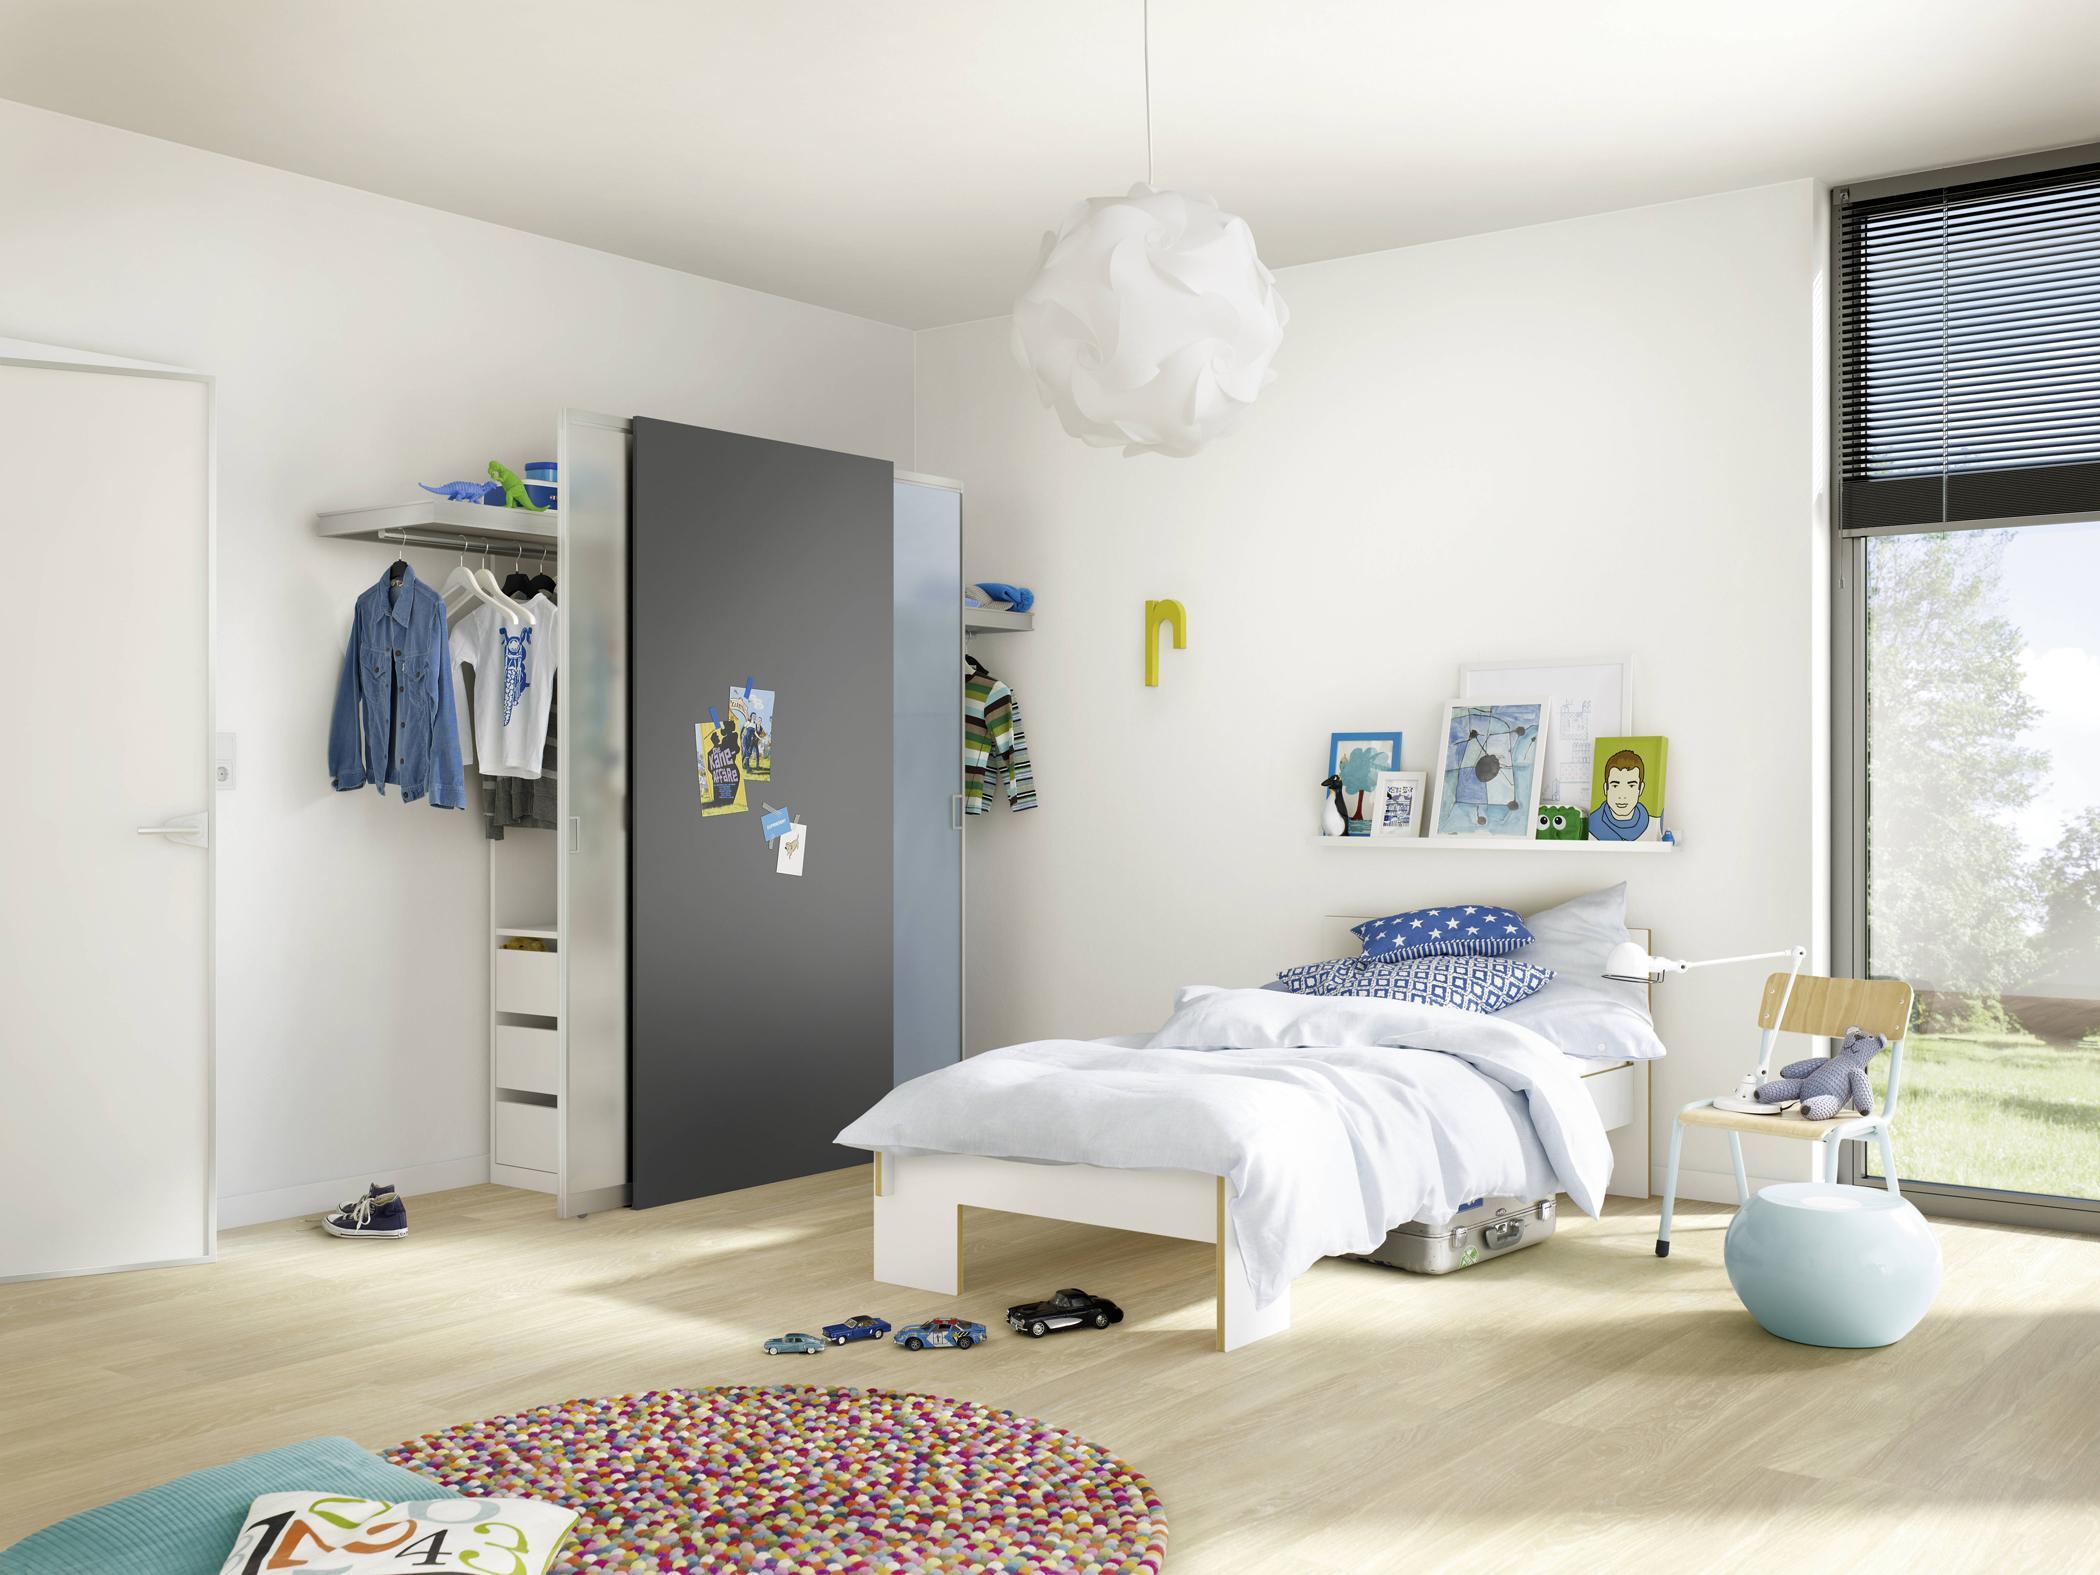 Full Size of Schranksysteme Schlafzimmer Mobiles Schranksystem Im Jugendzimmer Truhe Günstige Komplett Deckenleuchte Modern Lampe Fototapete Stehlampe Wandleuchte Schlafzimmer Schranksysteme Schlafzimmer